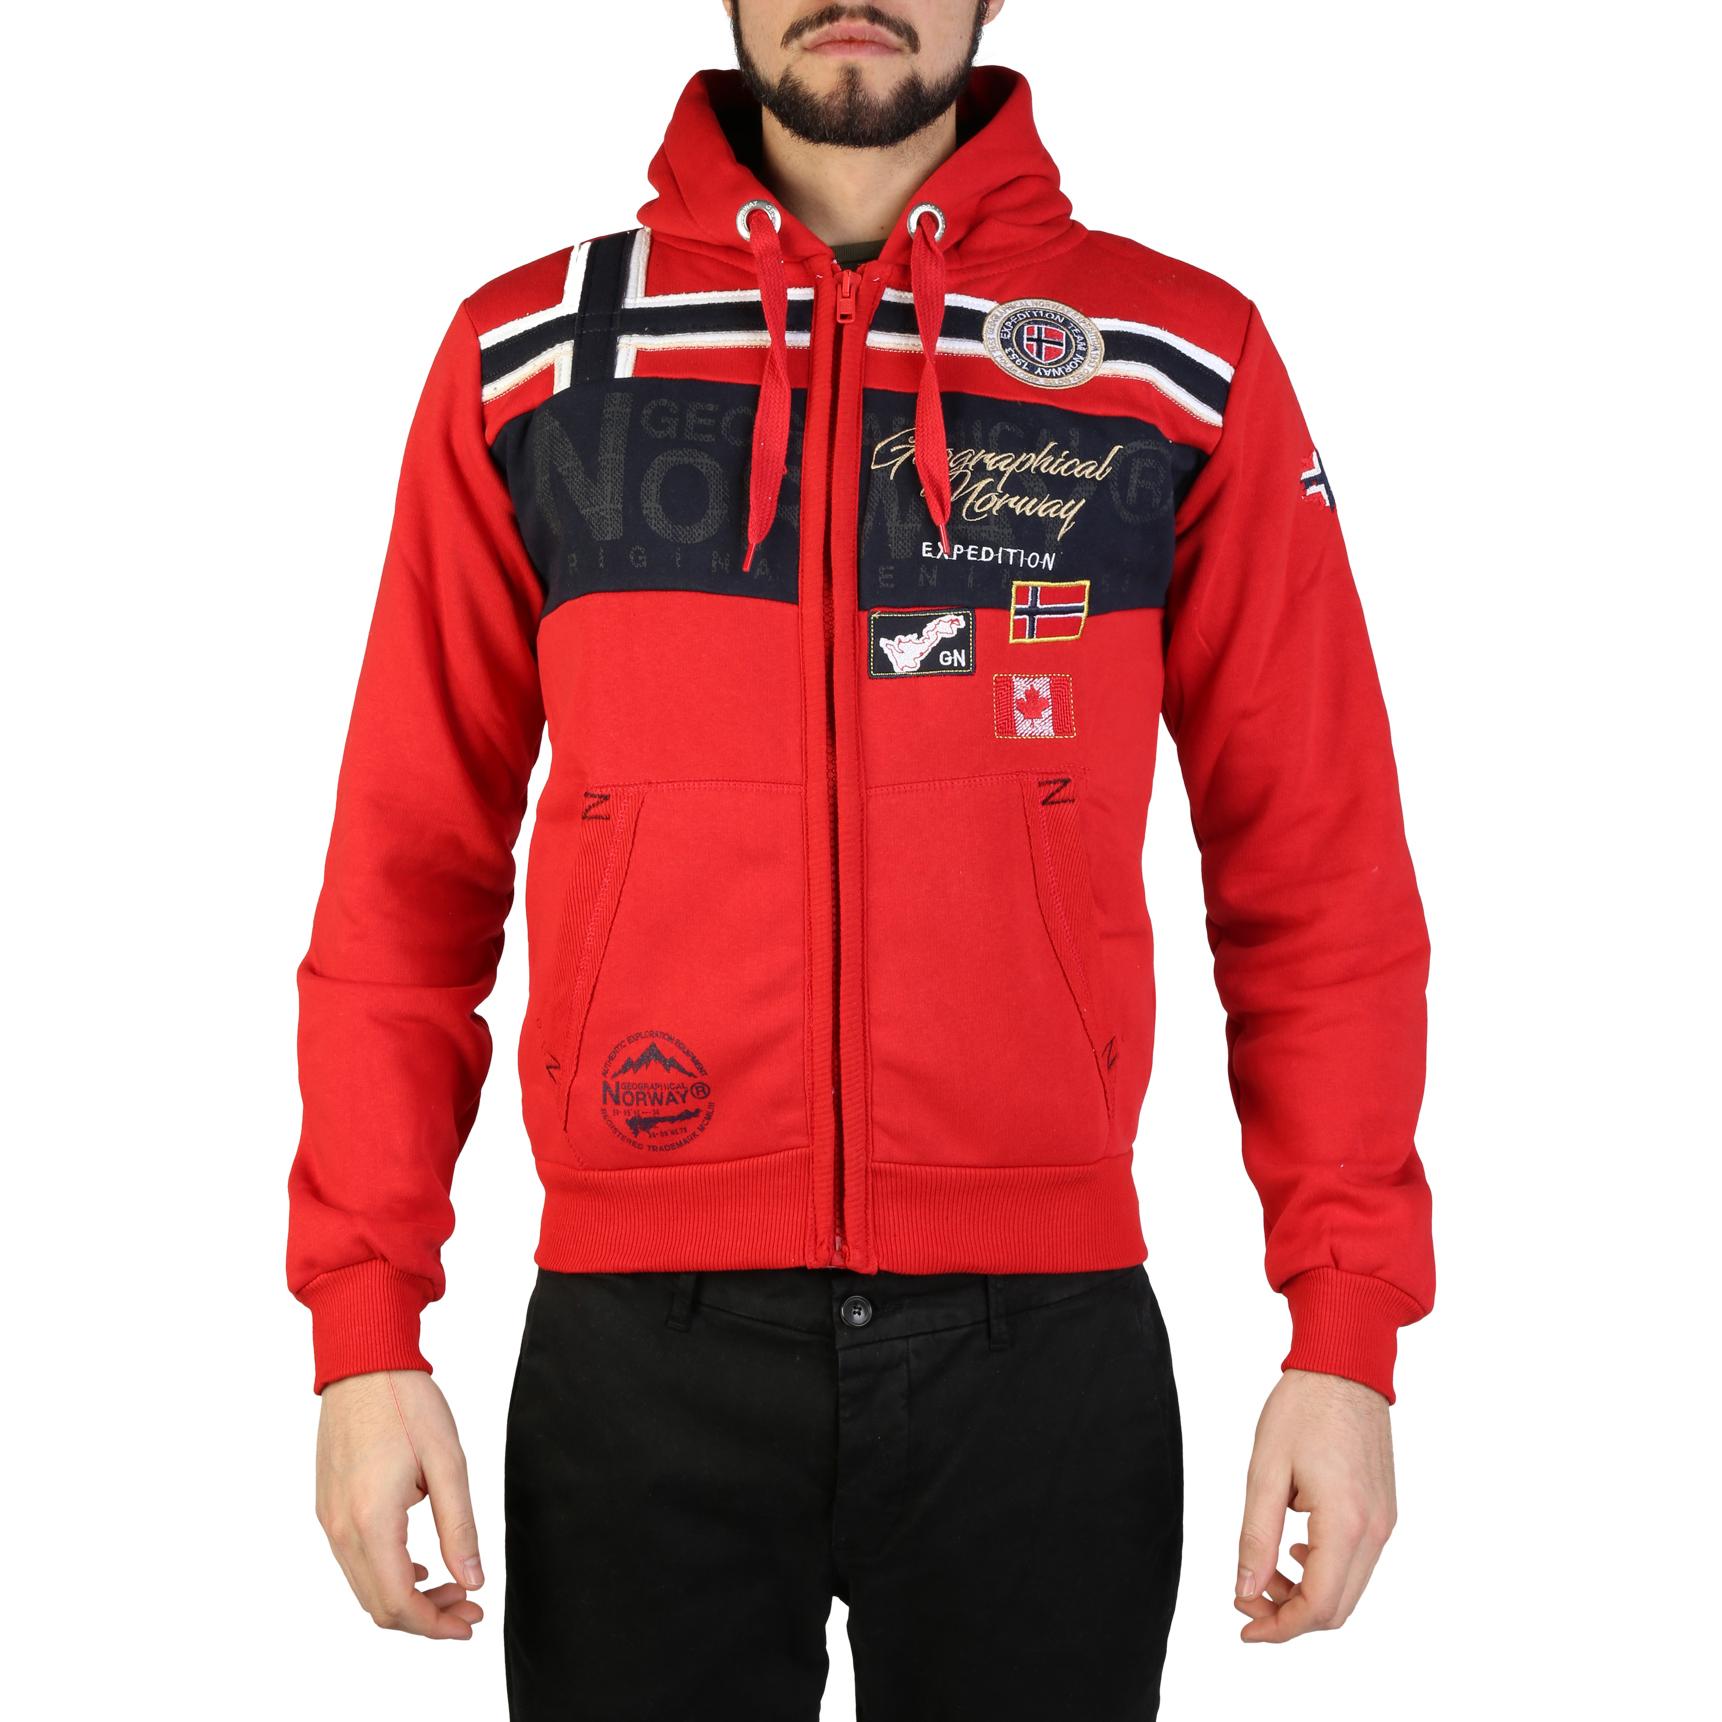 Felpe-Geographical-Norway-Garadock-man-Uomo-Rosso-97311